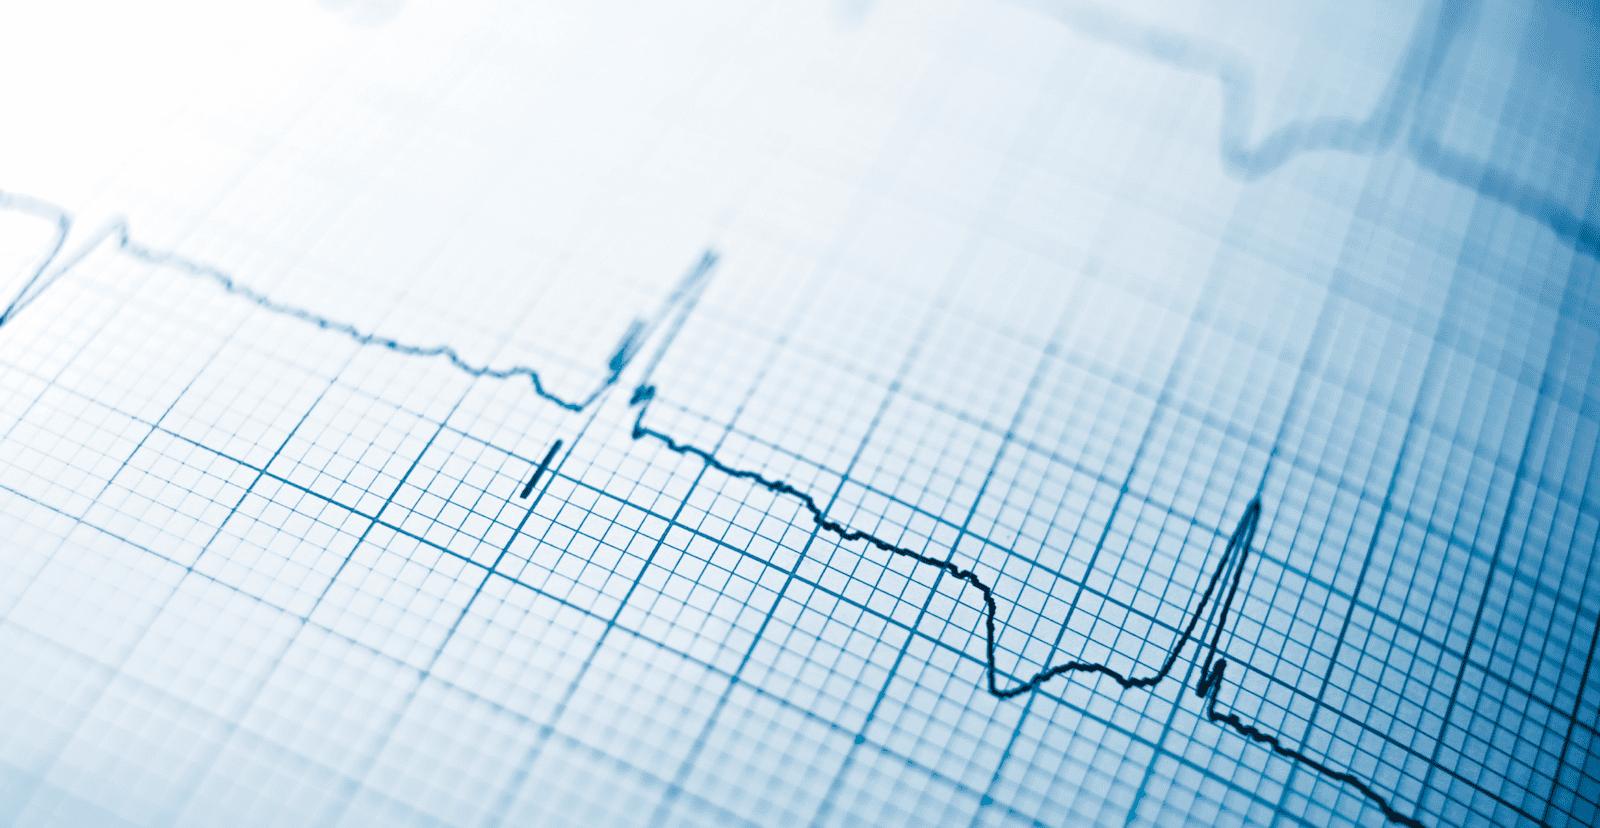 heartbeat-image